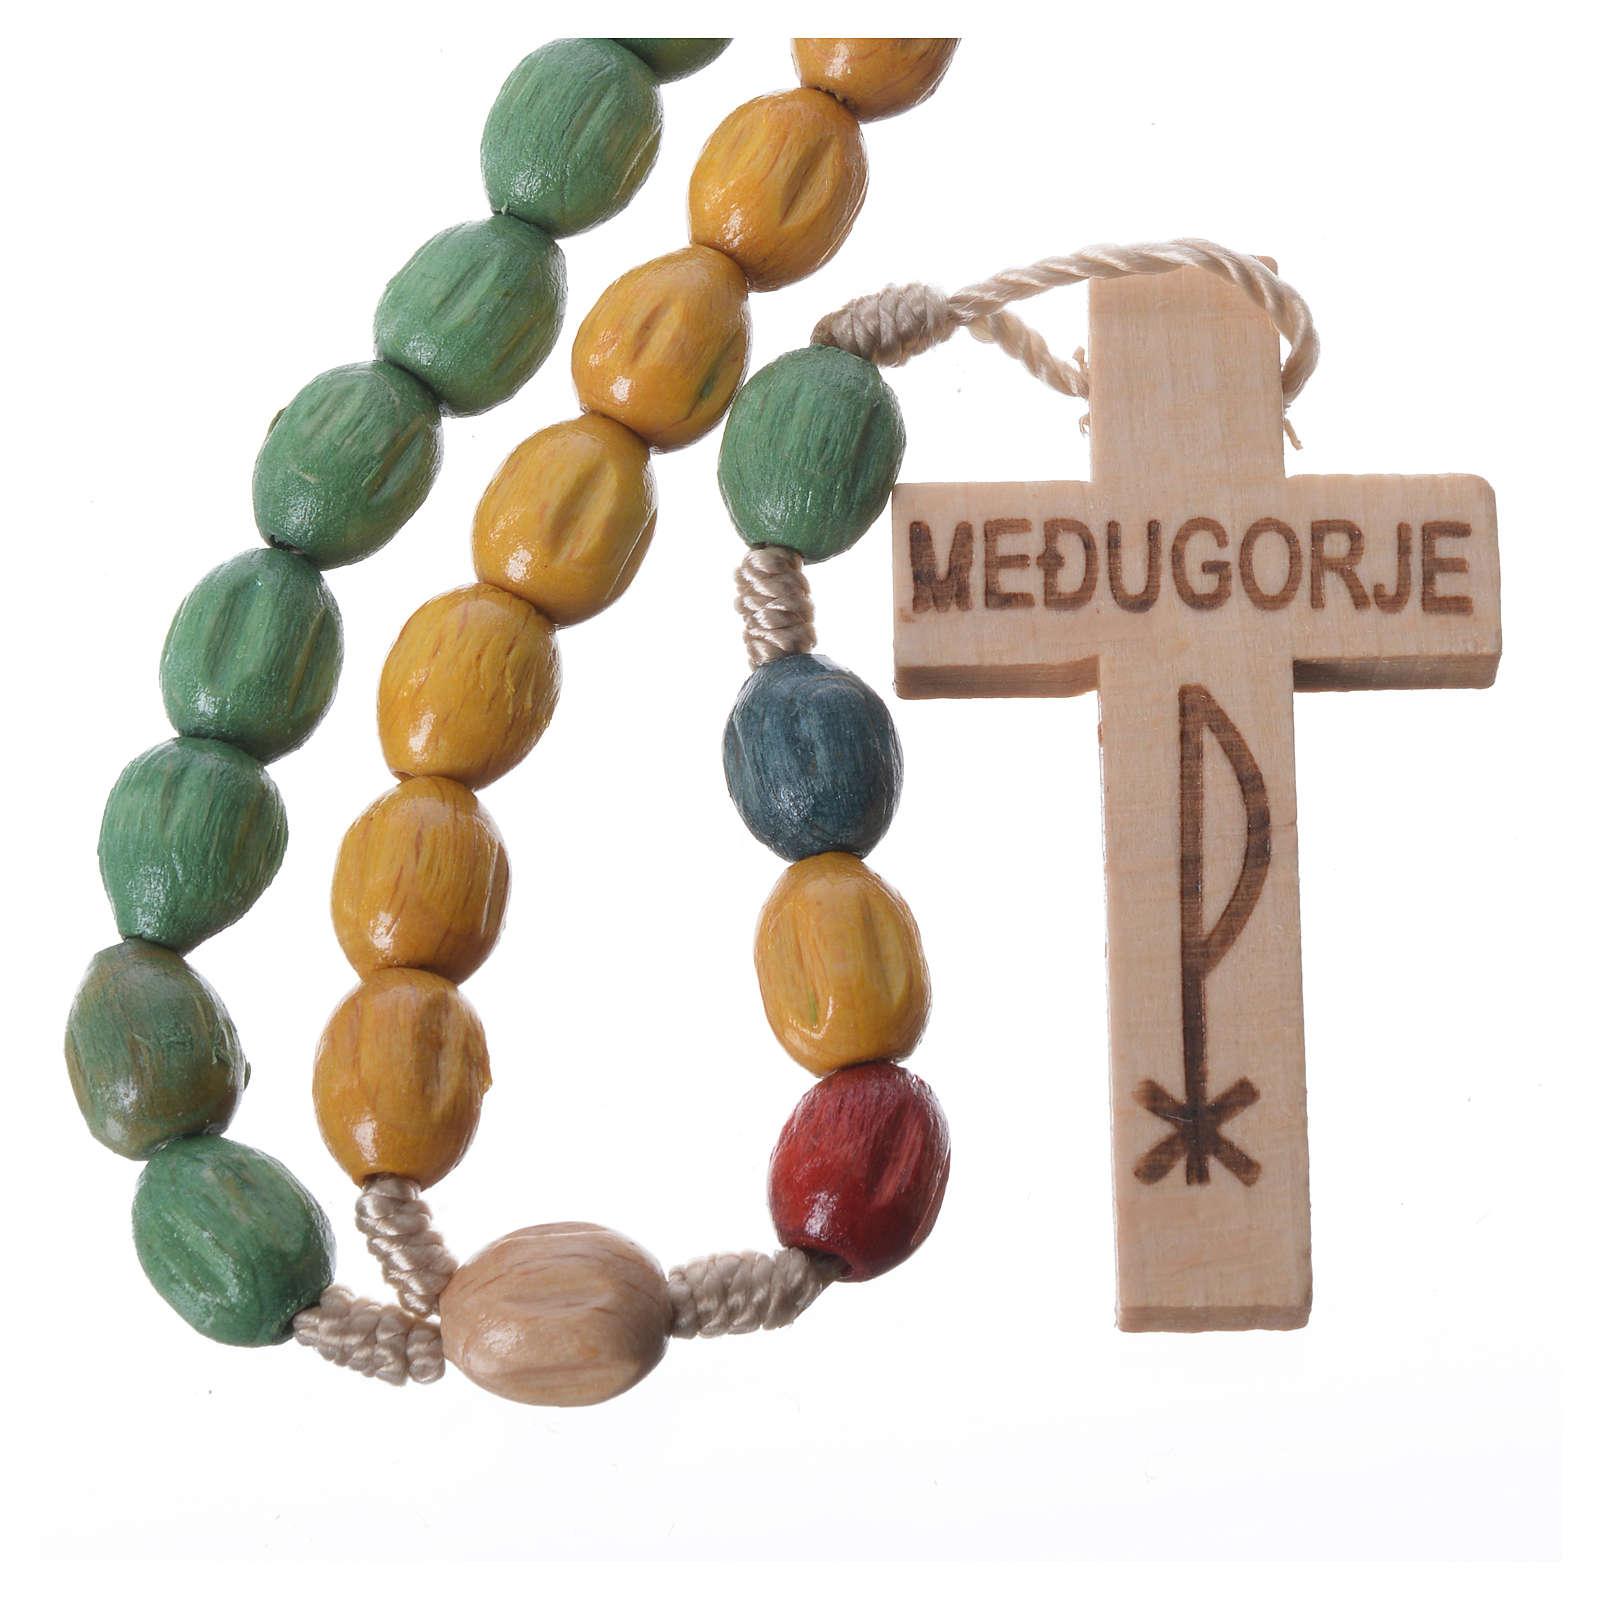 Rosario en madera Medjugorje con Cuentas  coloradas 4